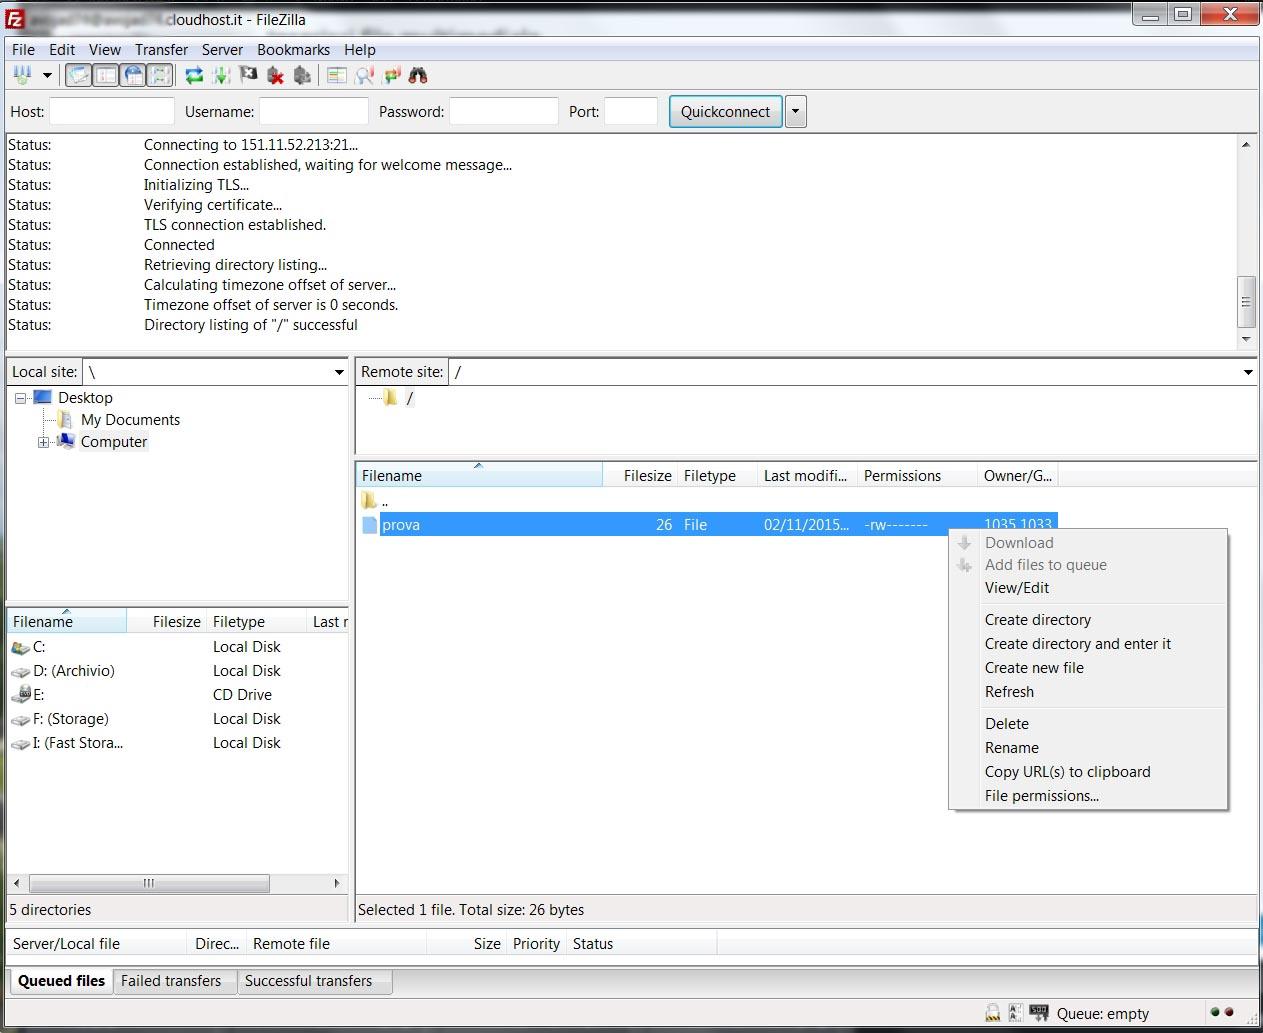 Smart Storage Client FTP